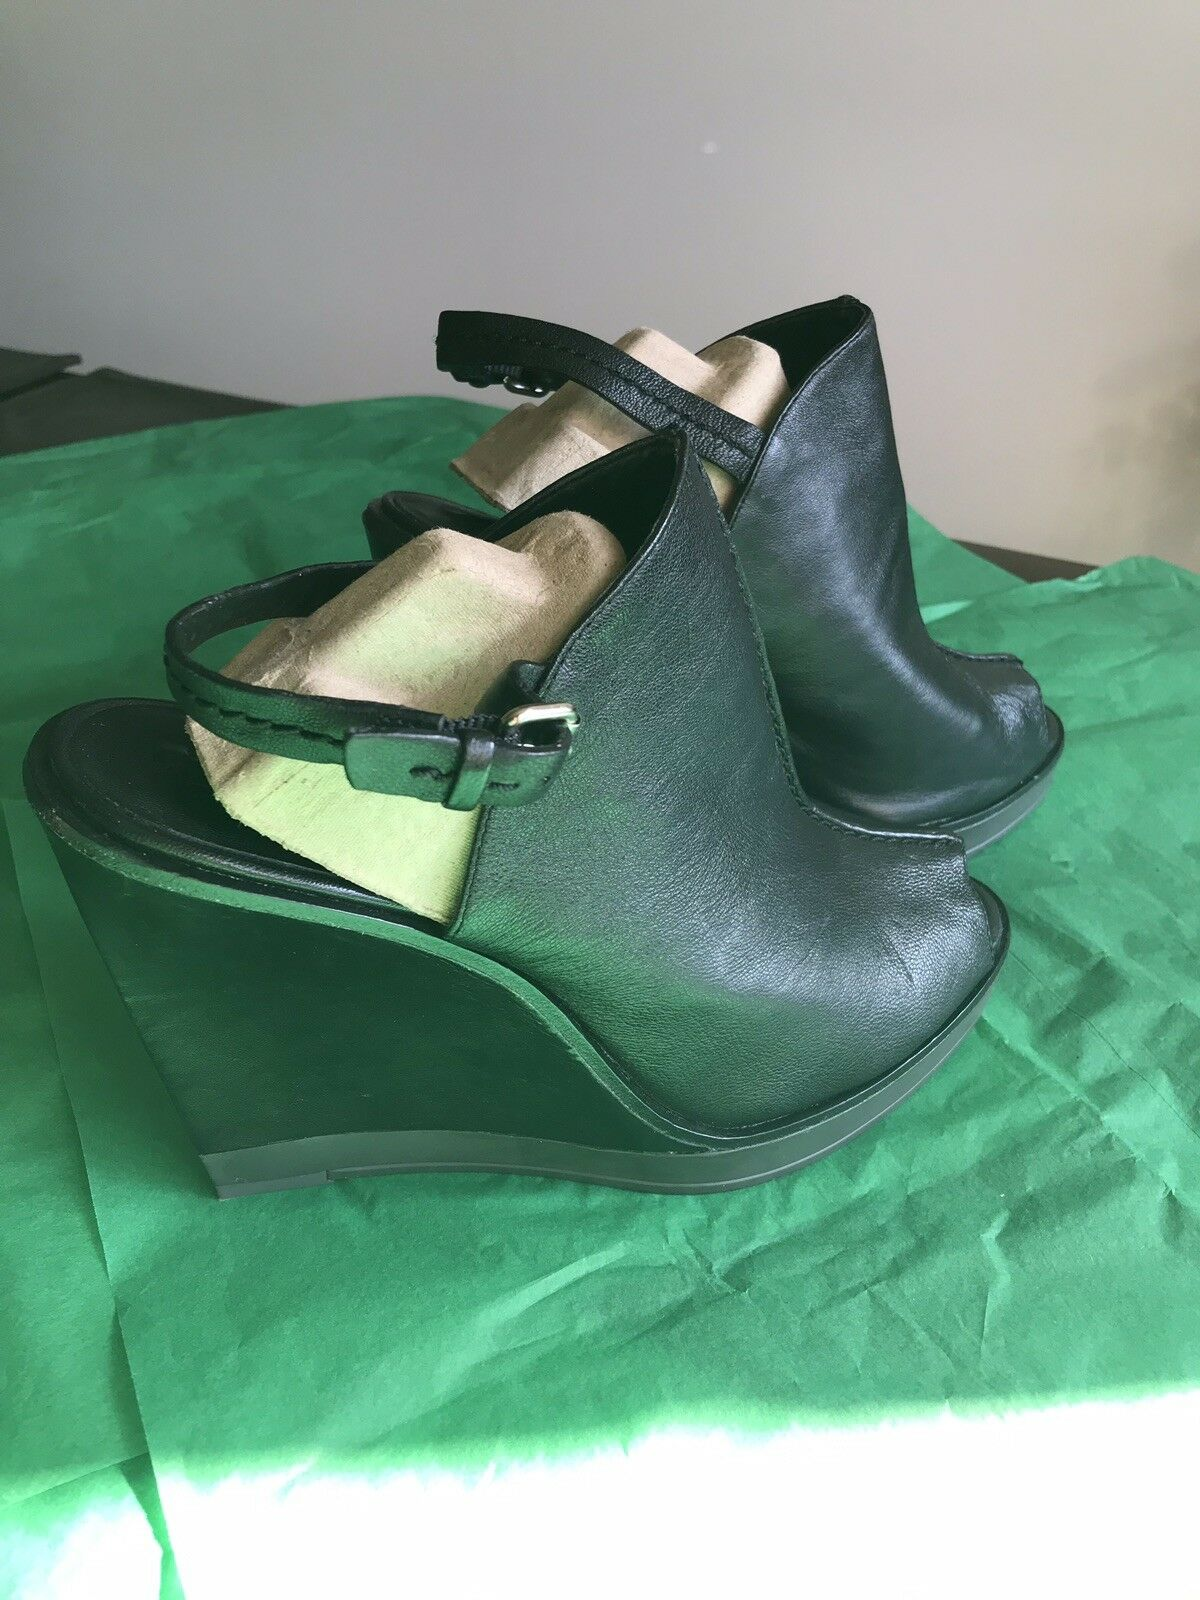 BCBG MAXAZRIA schwarz leather Wedge Heels Größe 9